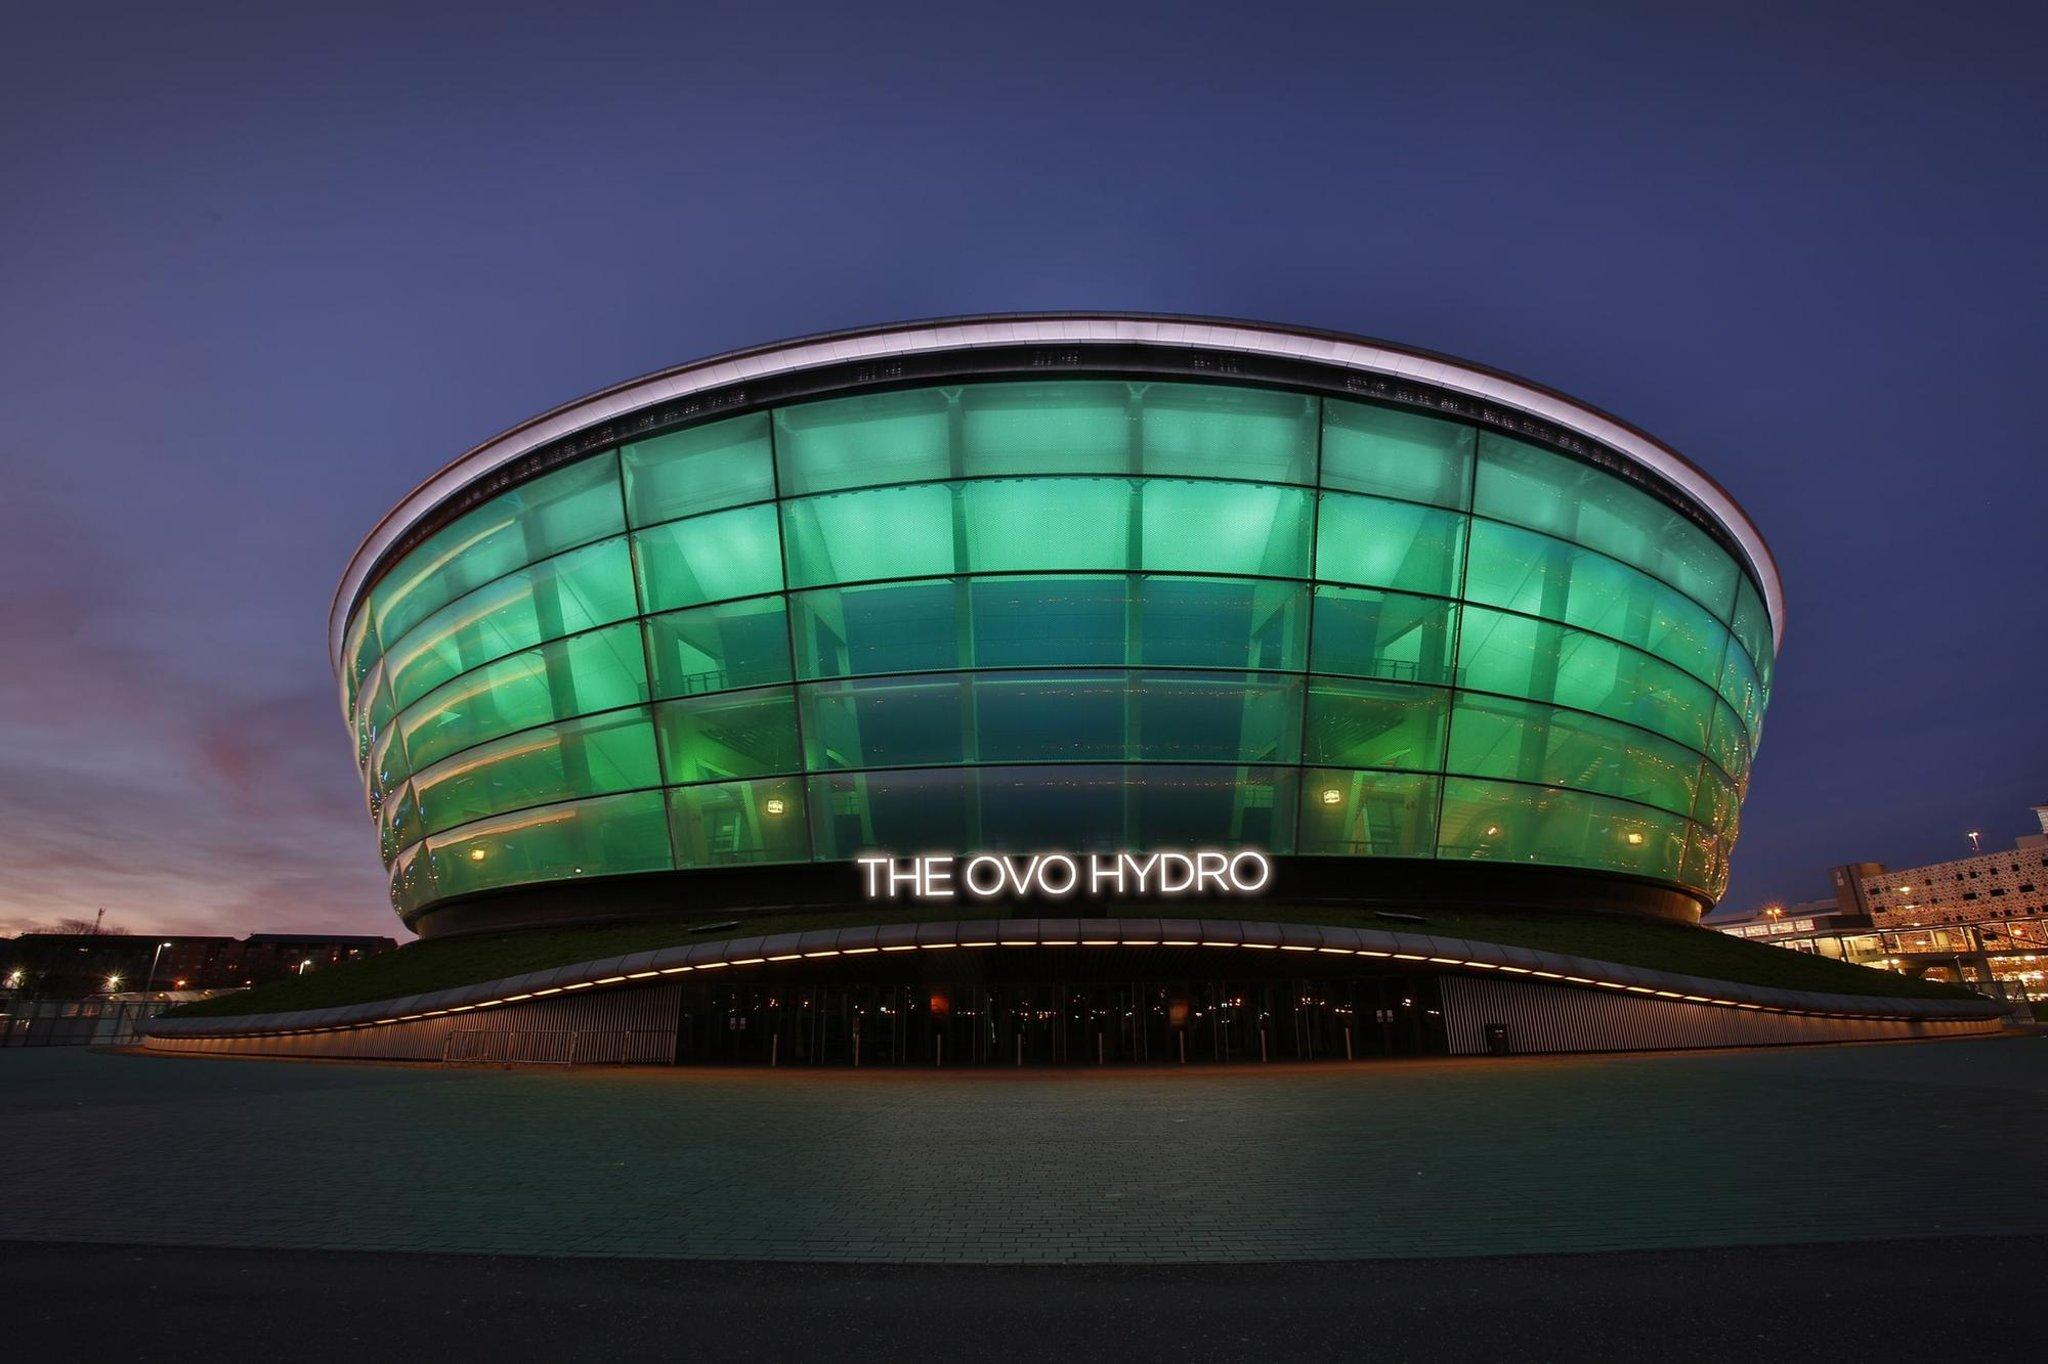 Tempat konser terbesar di Glasgow berjanji untuk menjadi lebih hijau karena mendapat nama baru